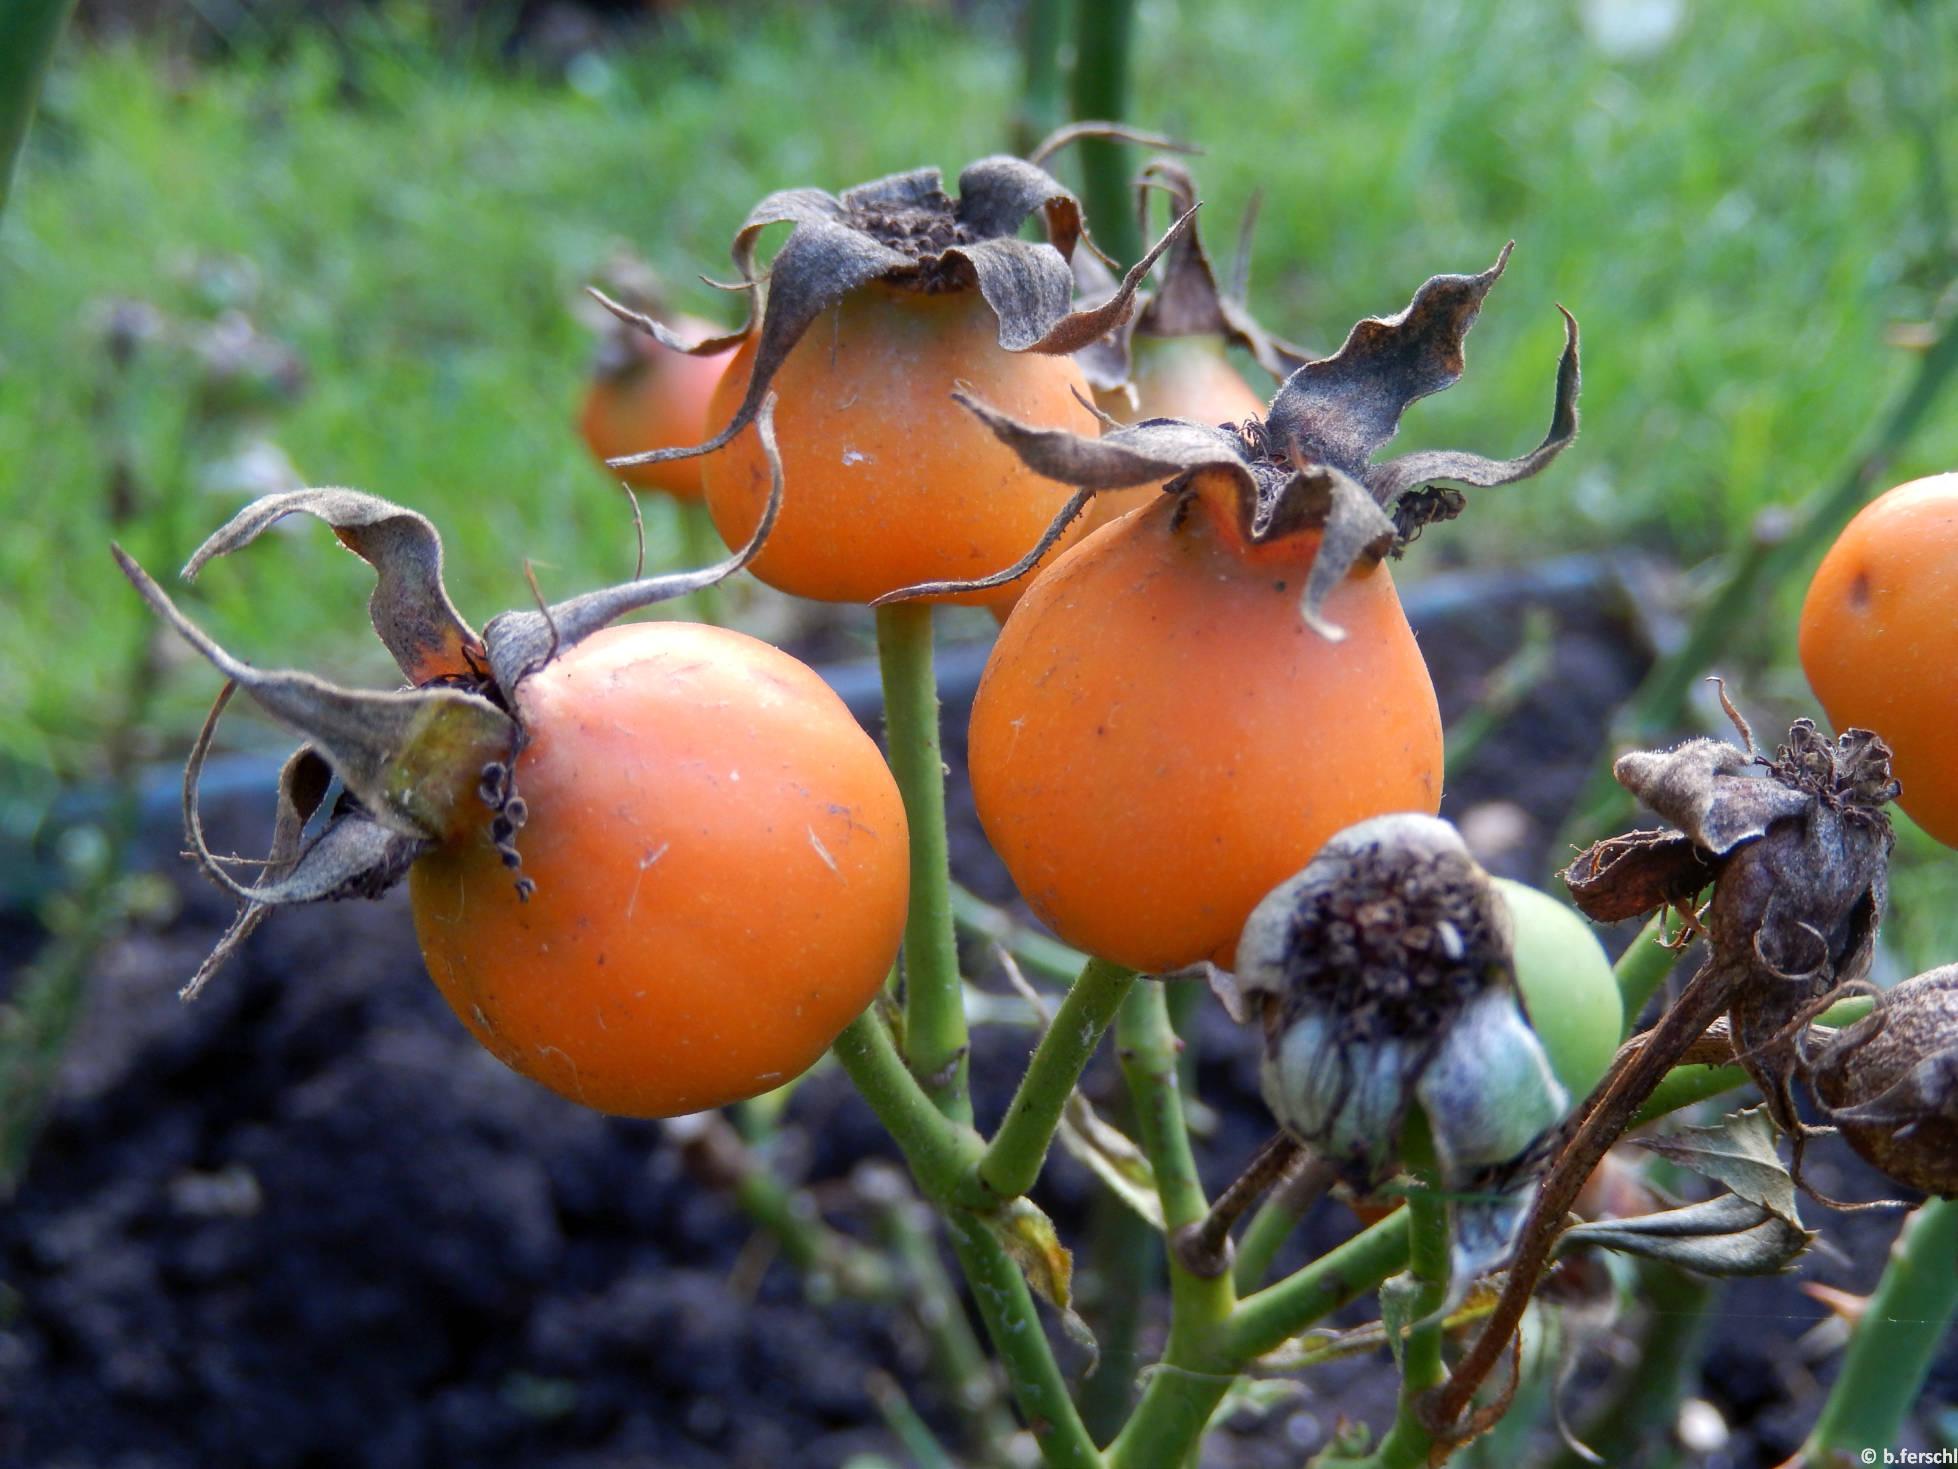 Hild József emléke floribunda rózsa